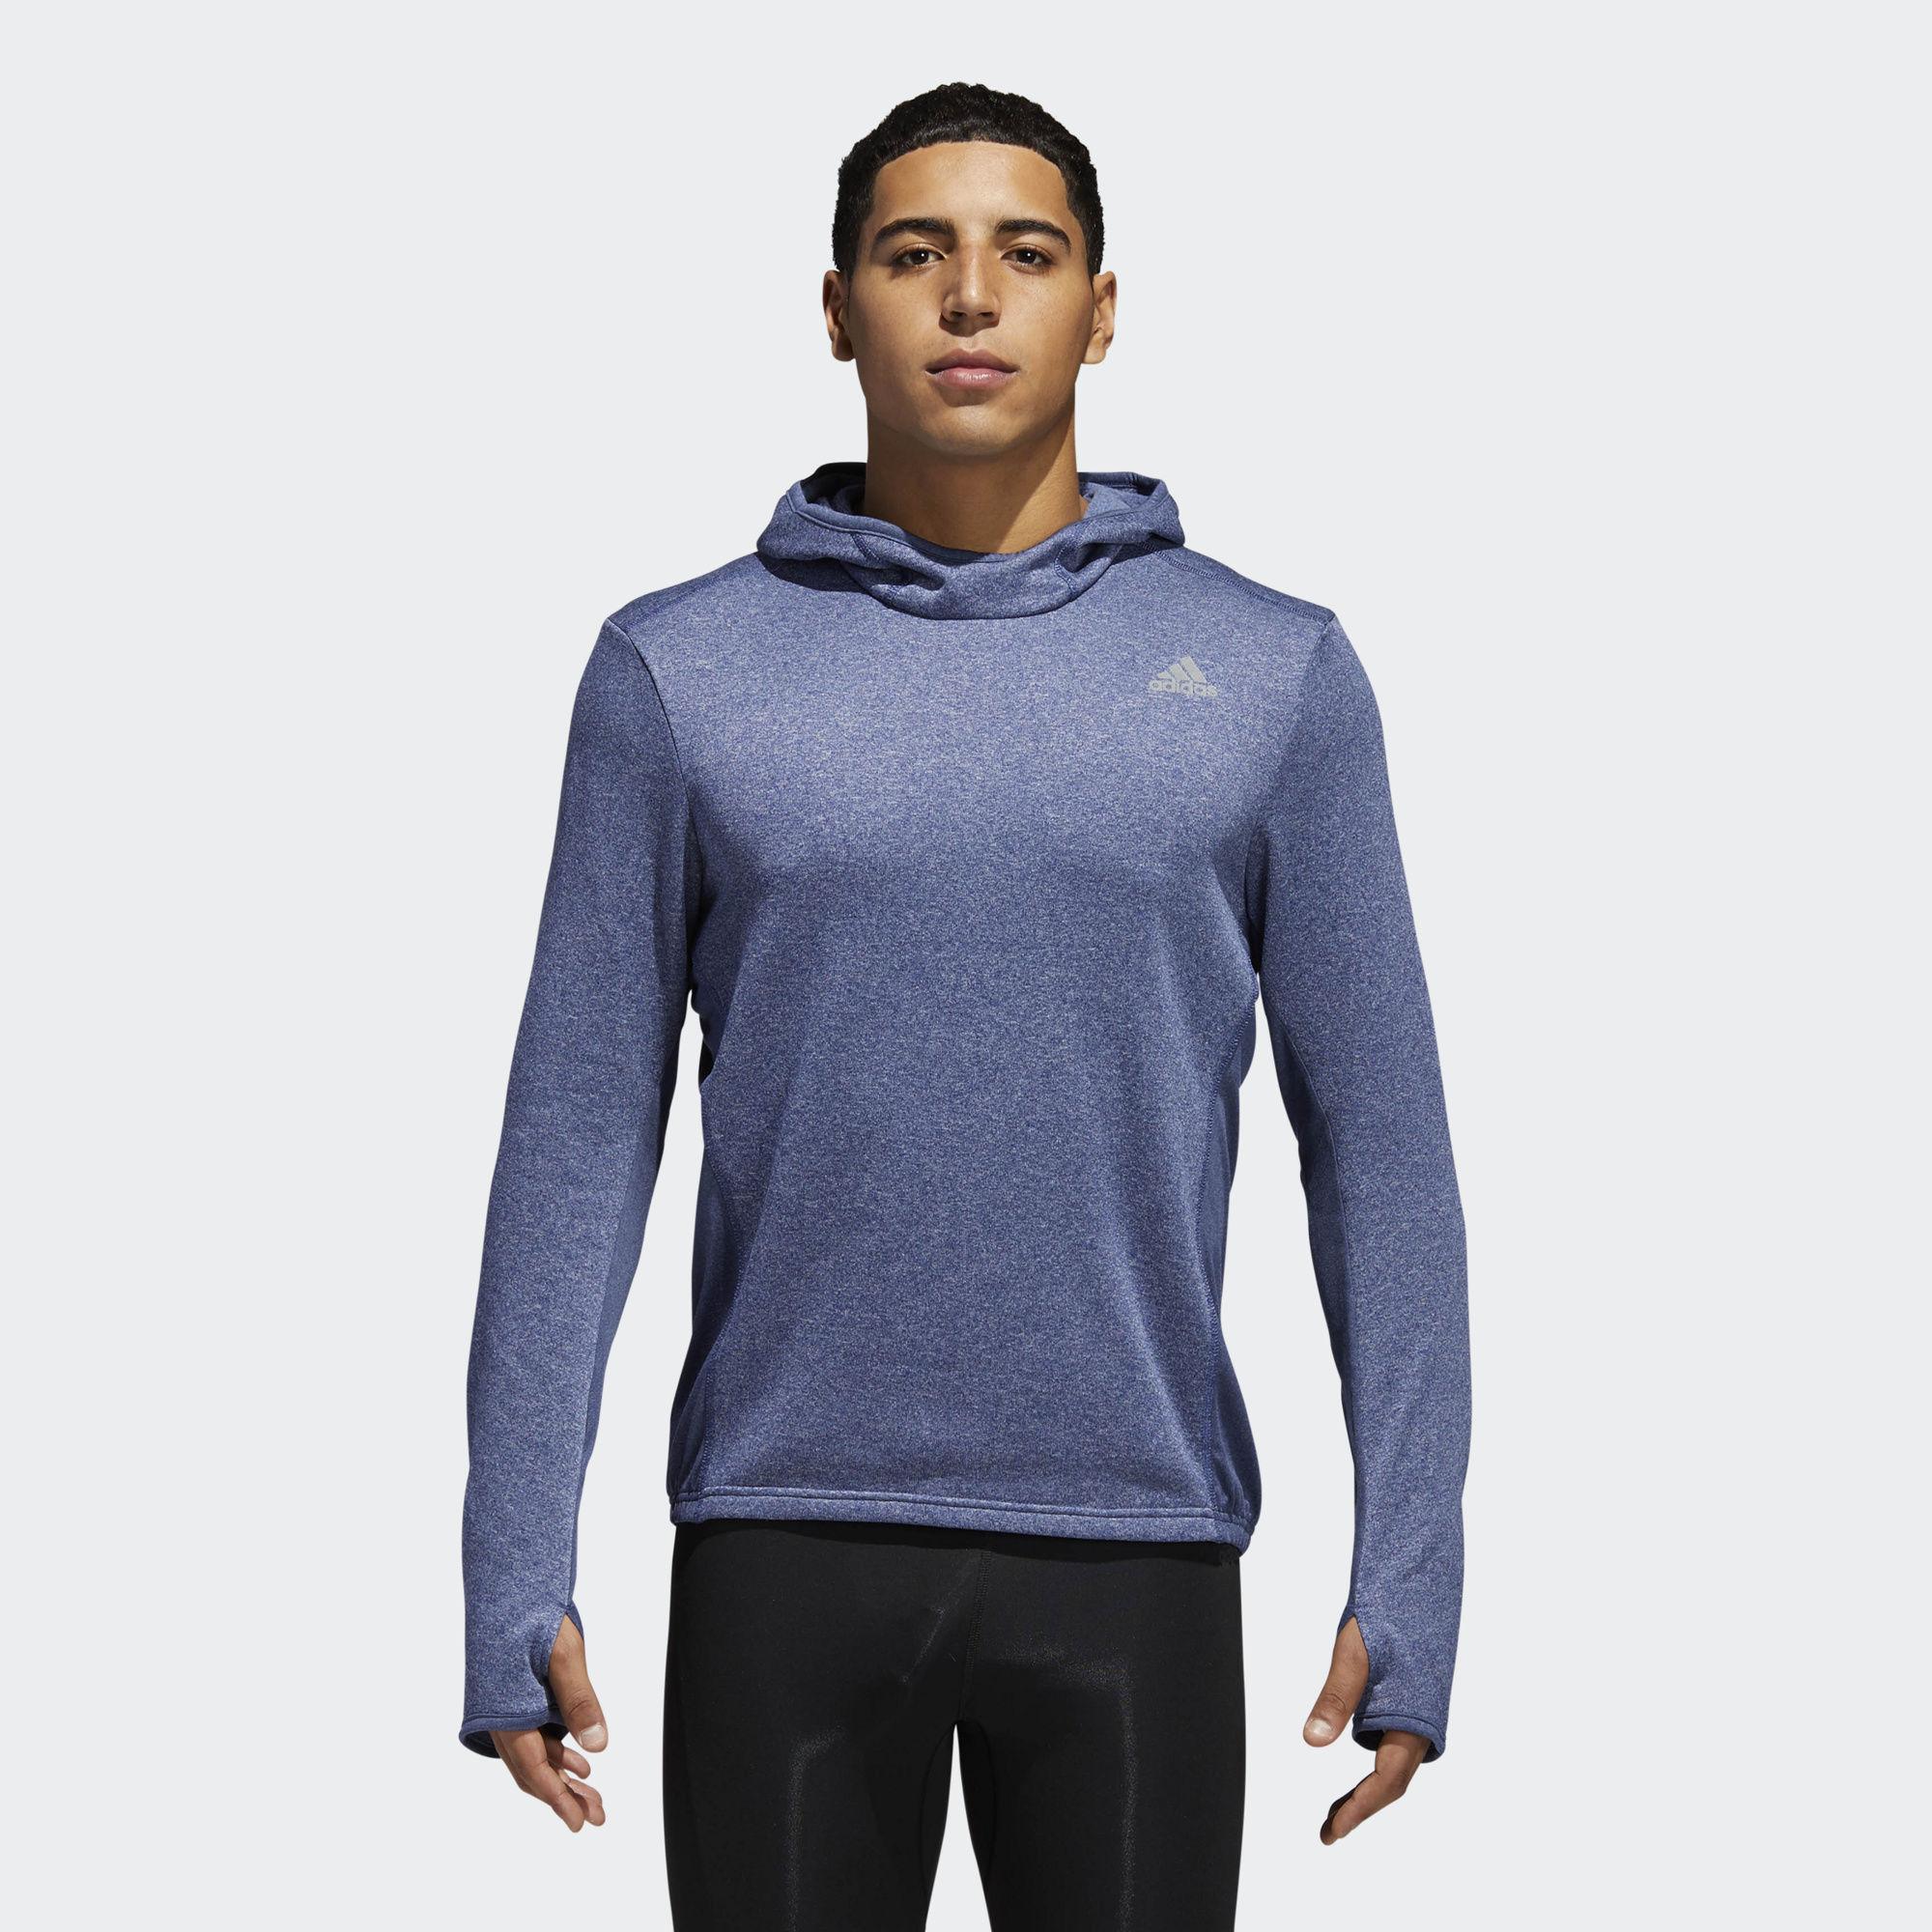 Толстовка мужская adidas Rs Hoodie M, цвет: синий. CF2055. Размер L (52/54)CF2055Толстовка от adidas изготовлена специально для спортивных тренировок. Модель сохраняет максимум тепла благодаря ткани с технологией Climawarm и удлиненным рукавам с прорезями для больших пальцев. Приталенный крой и облегающий капюшон для дополнительной защиты от холода. Модель дополнена светоотражающими полосами на капюшоне.